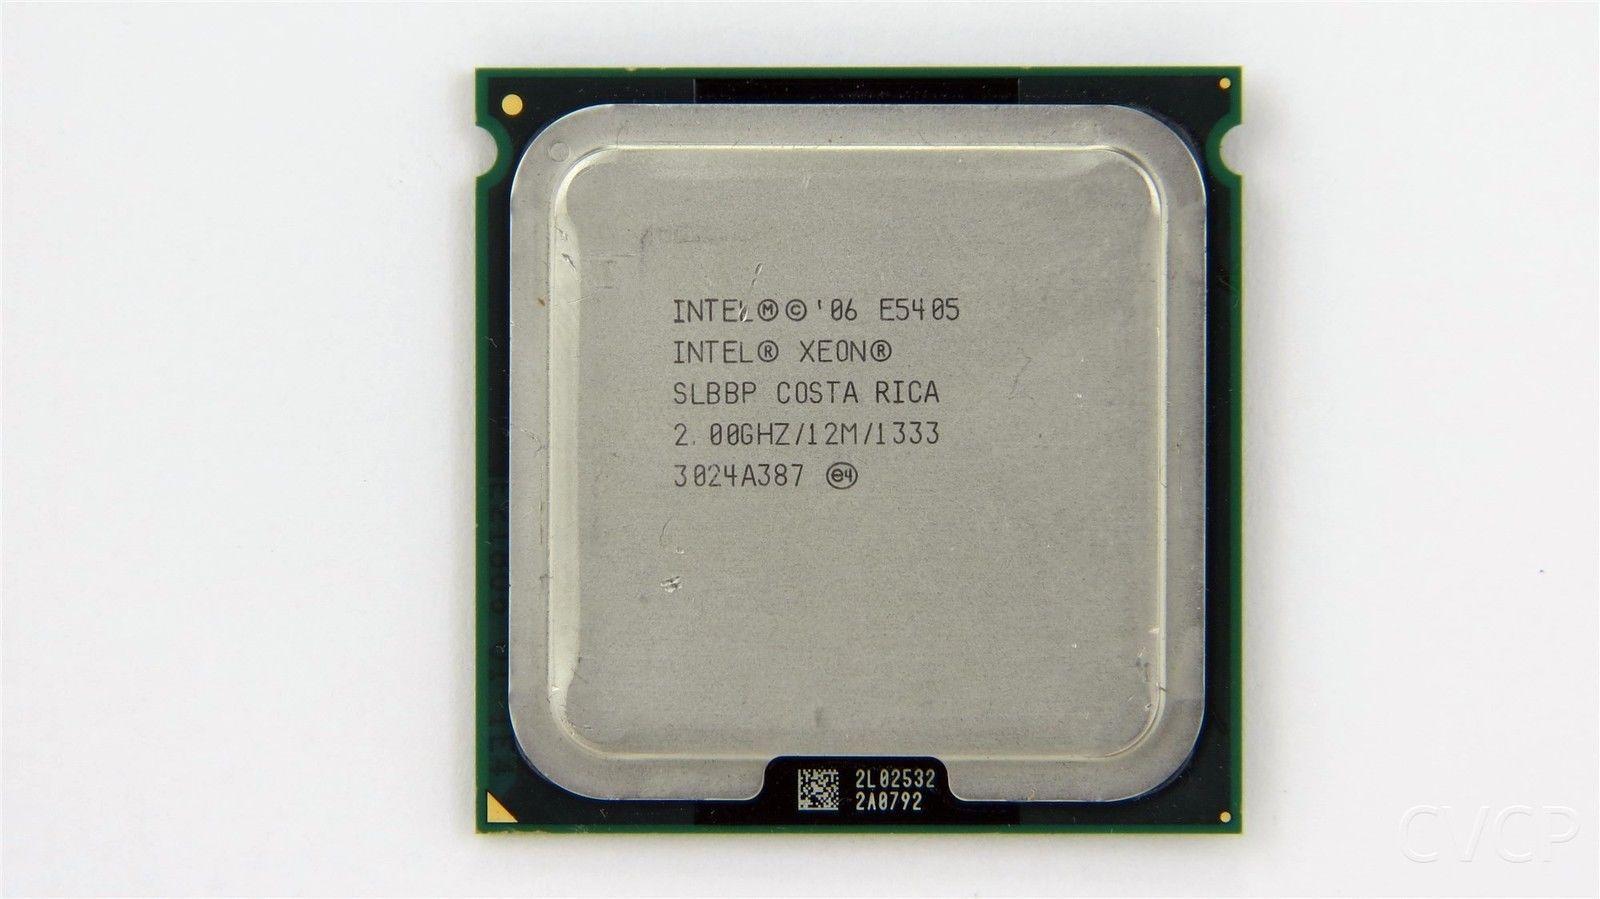 Intel Xeon E5405 Quad-Core 2.0Ghz 1333Mhz 12Mb Lga771 Processor